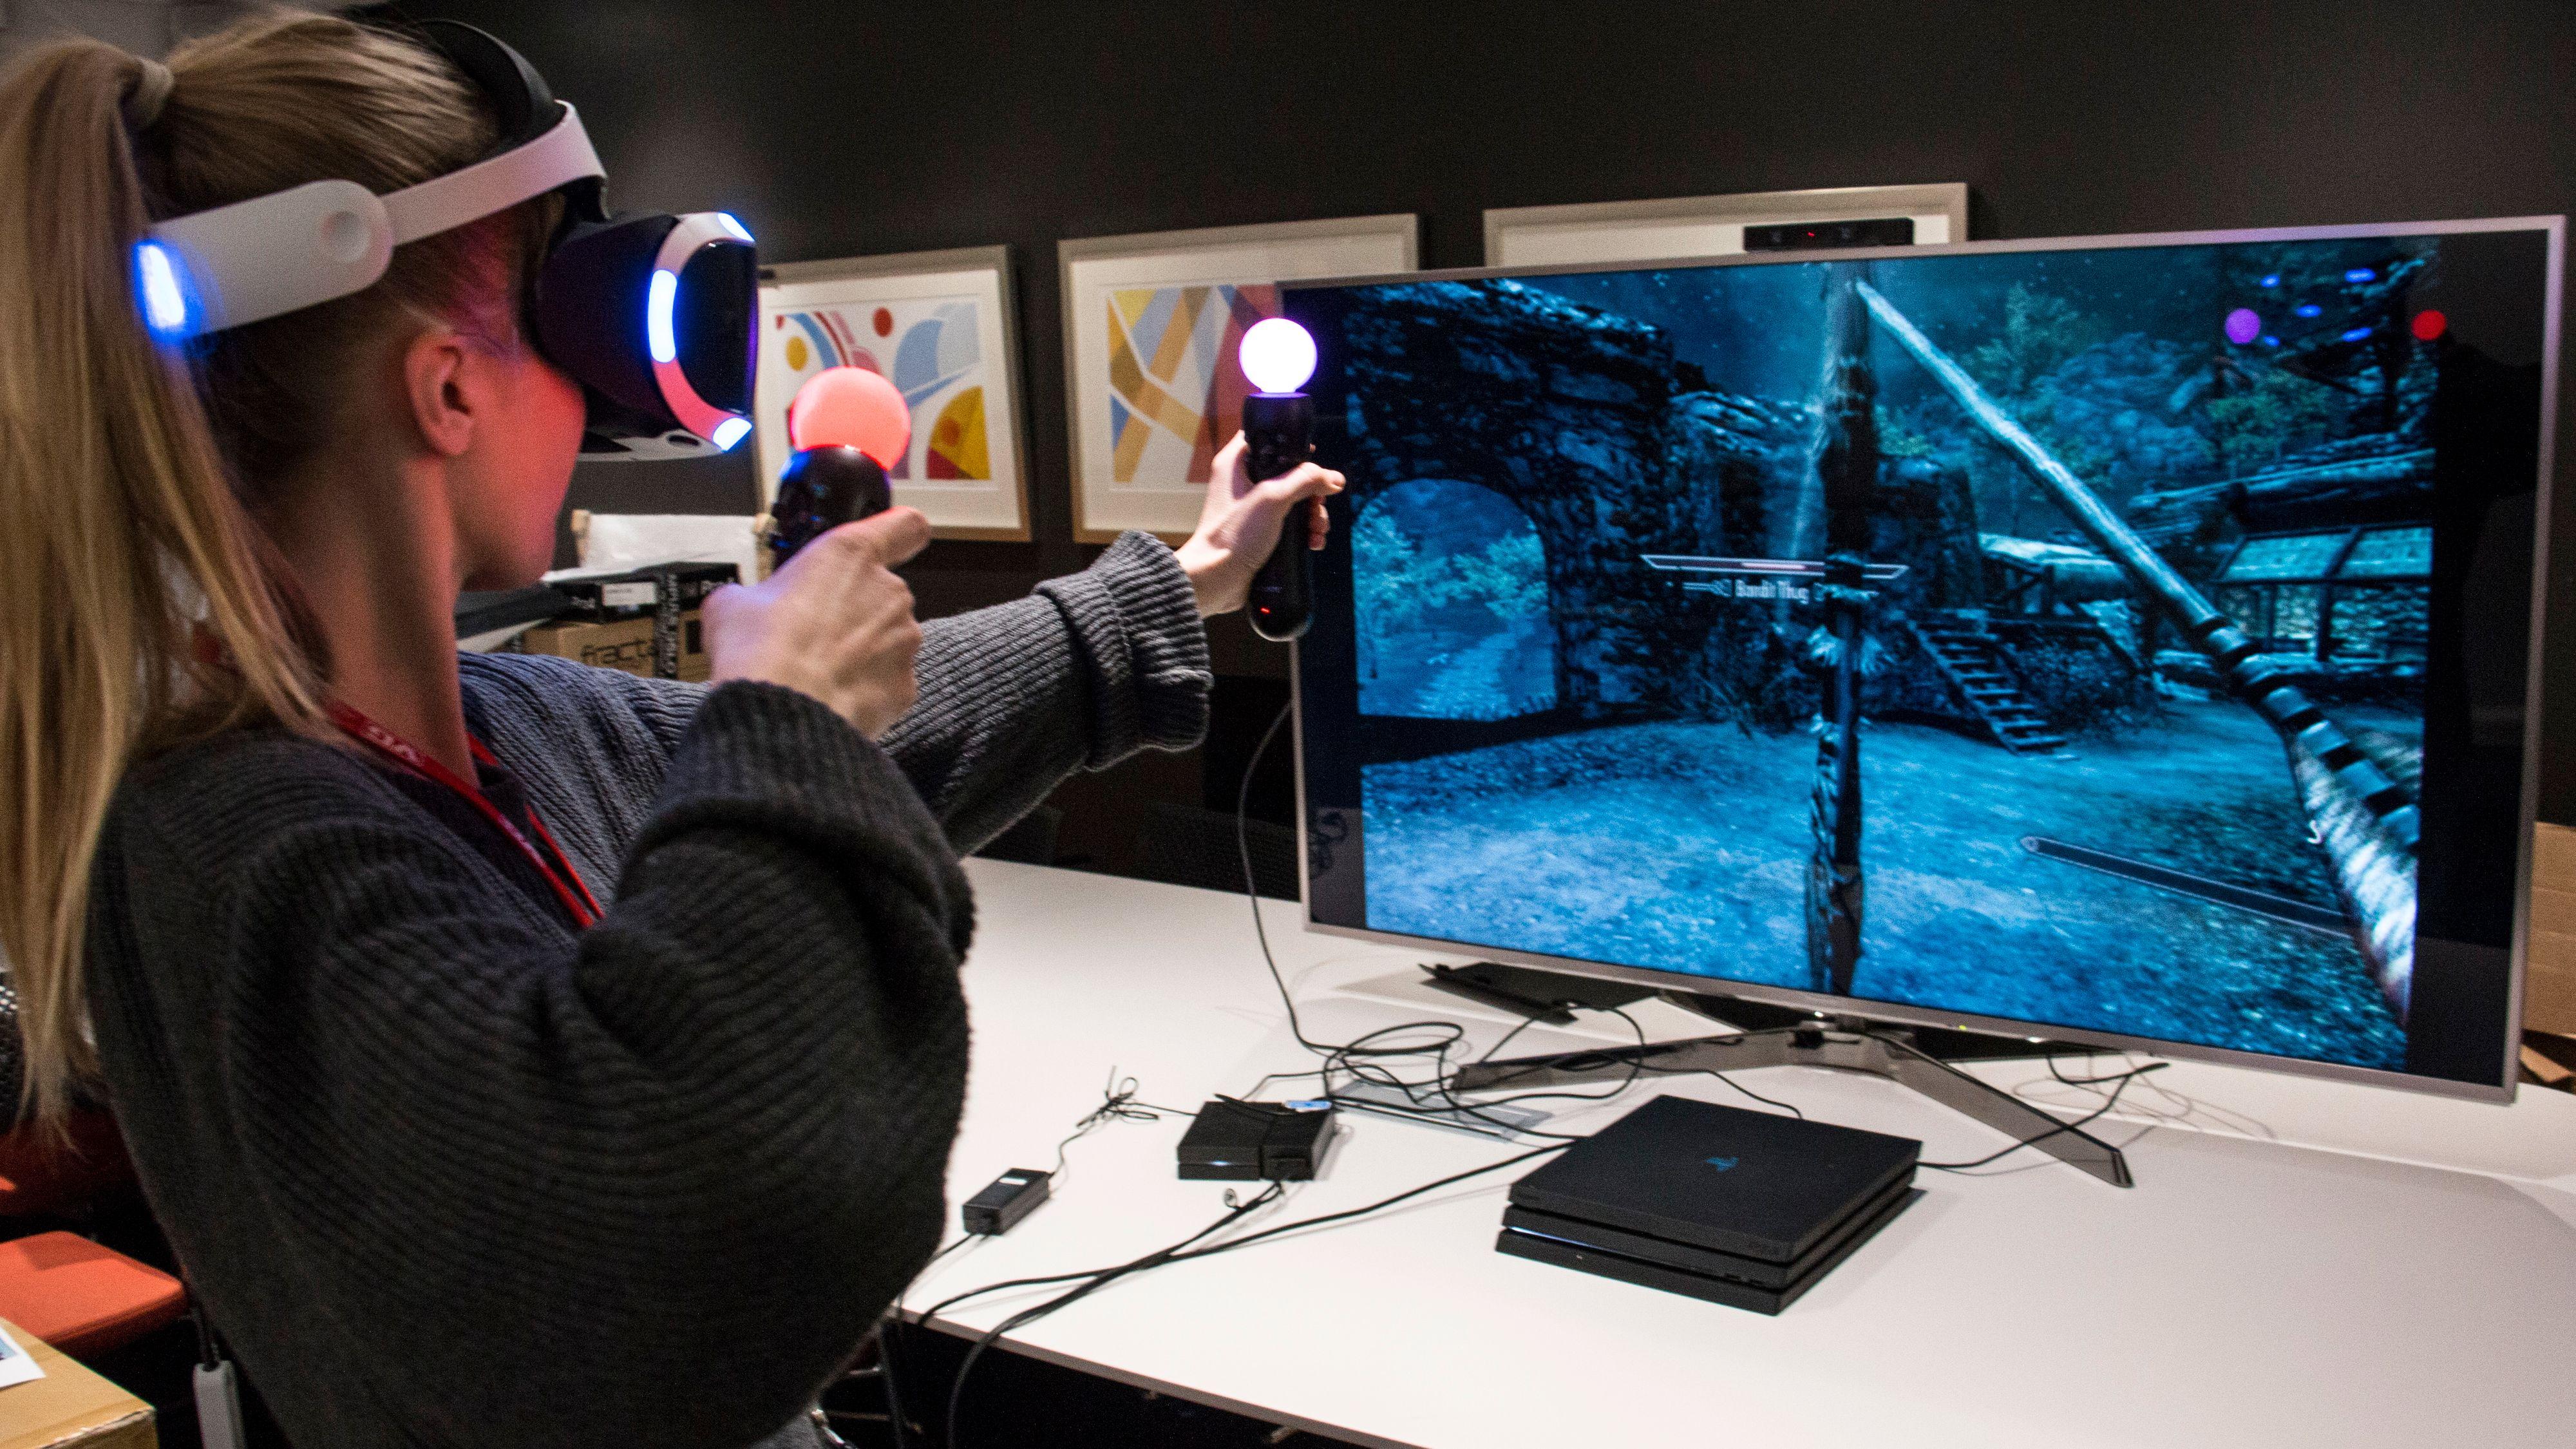 Pil og bue og magi er de mest givende kampmetodene i Skyrim VR. Nærkamp føles unaturlig, siden du ikke har noen form for feedback i slagene eller sverdstøtene. Bilde: Stein Jarle Olsen, Tek.no